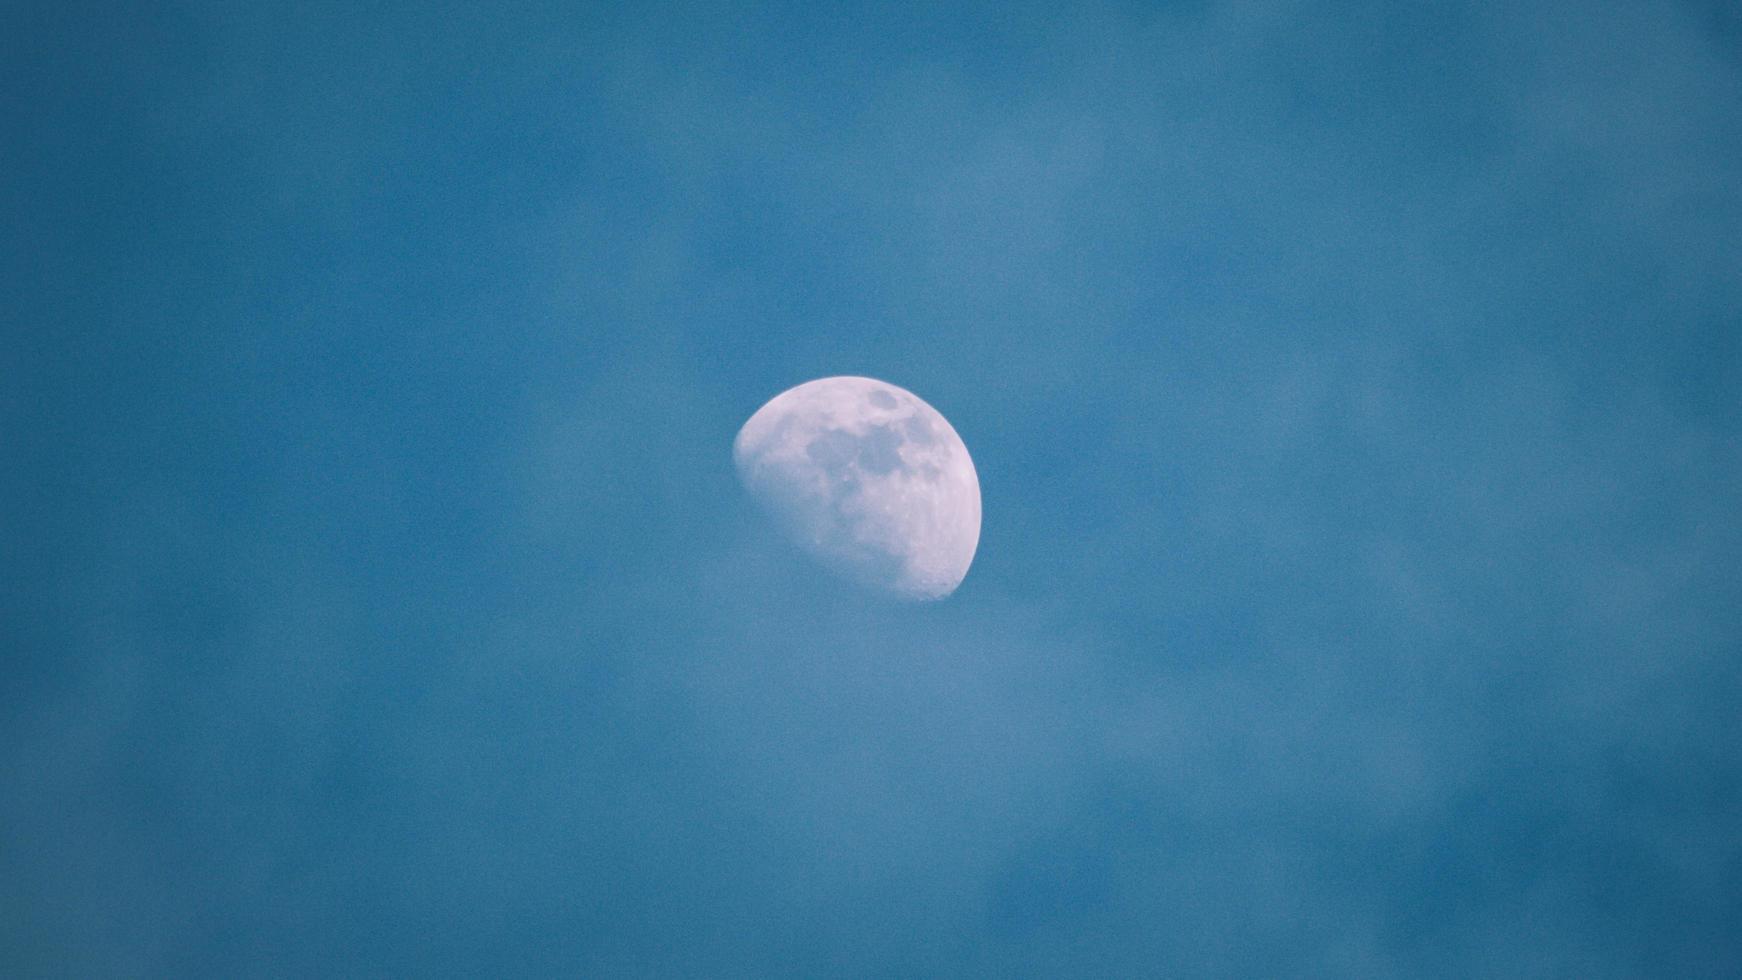 lune bleue dans le ciel photo